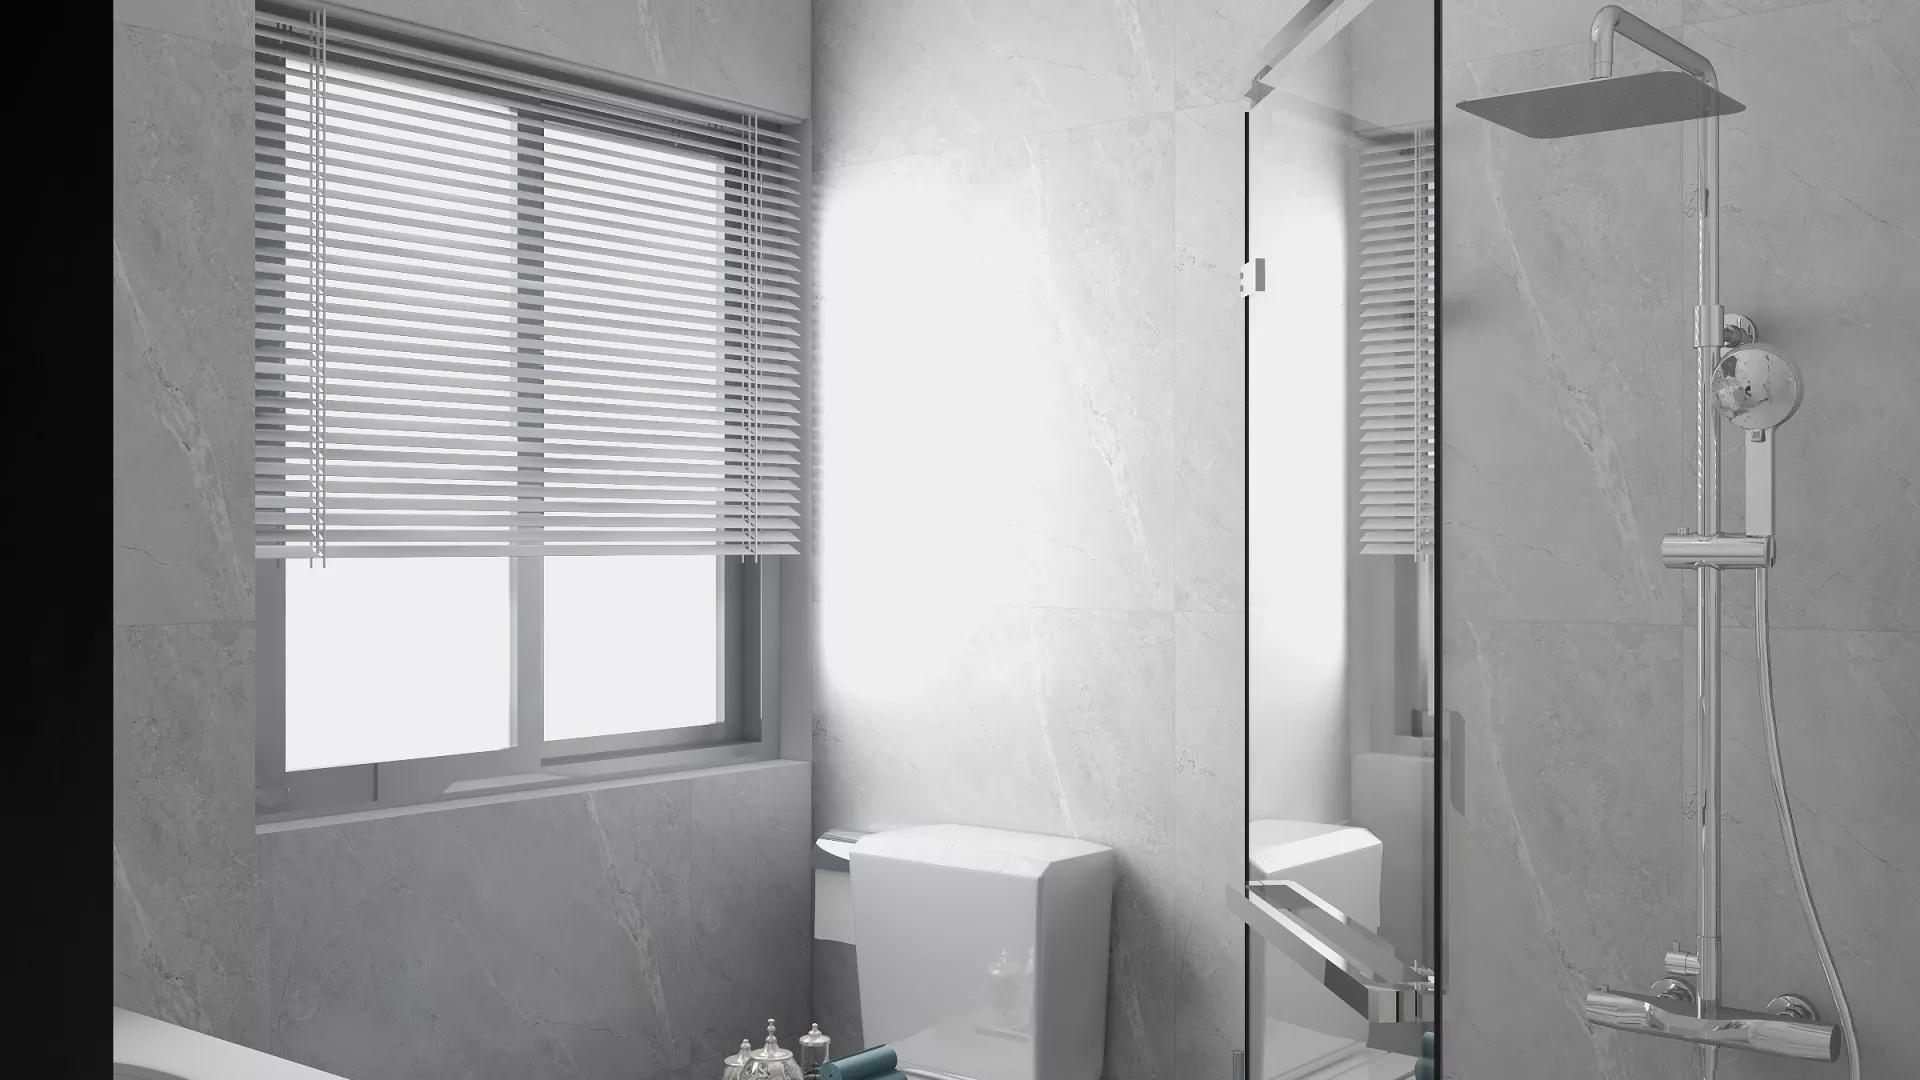 时尚含蓄典雅新中式小二居客厅卧室厨房设计效果图